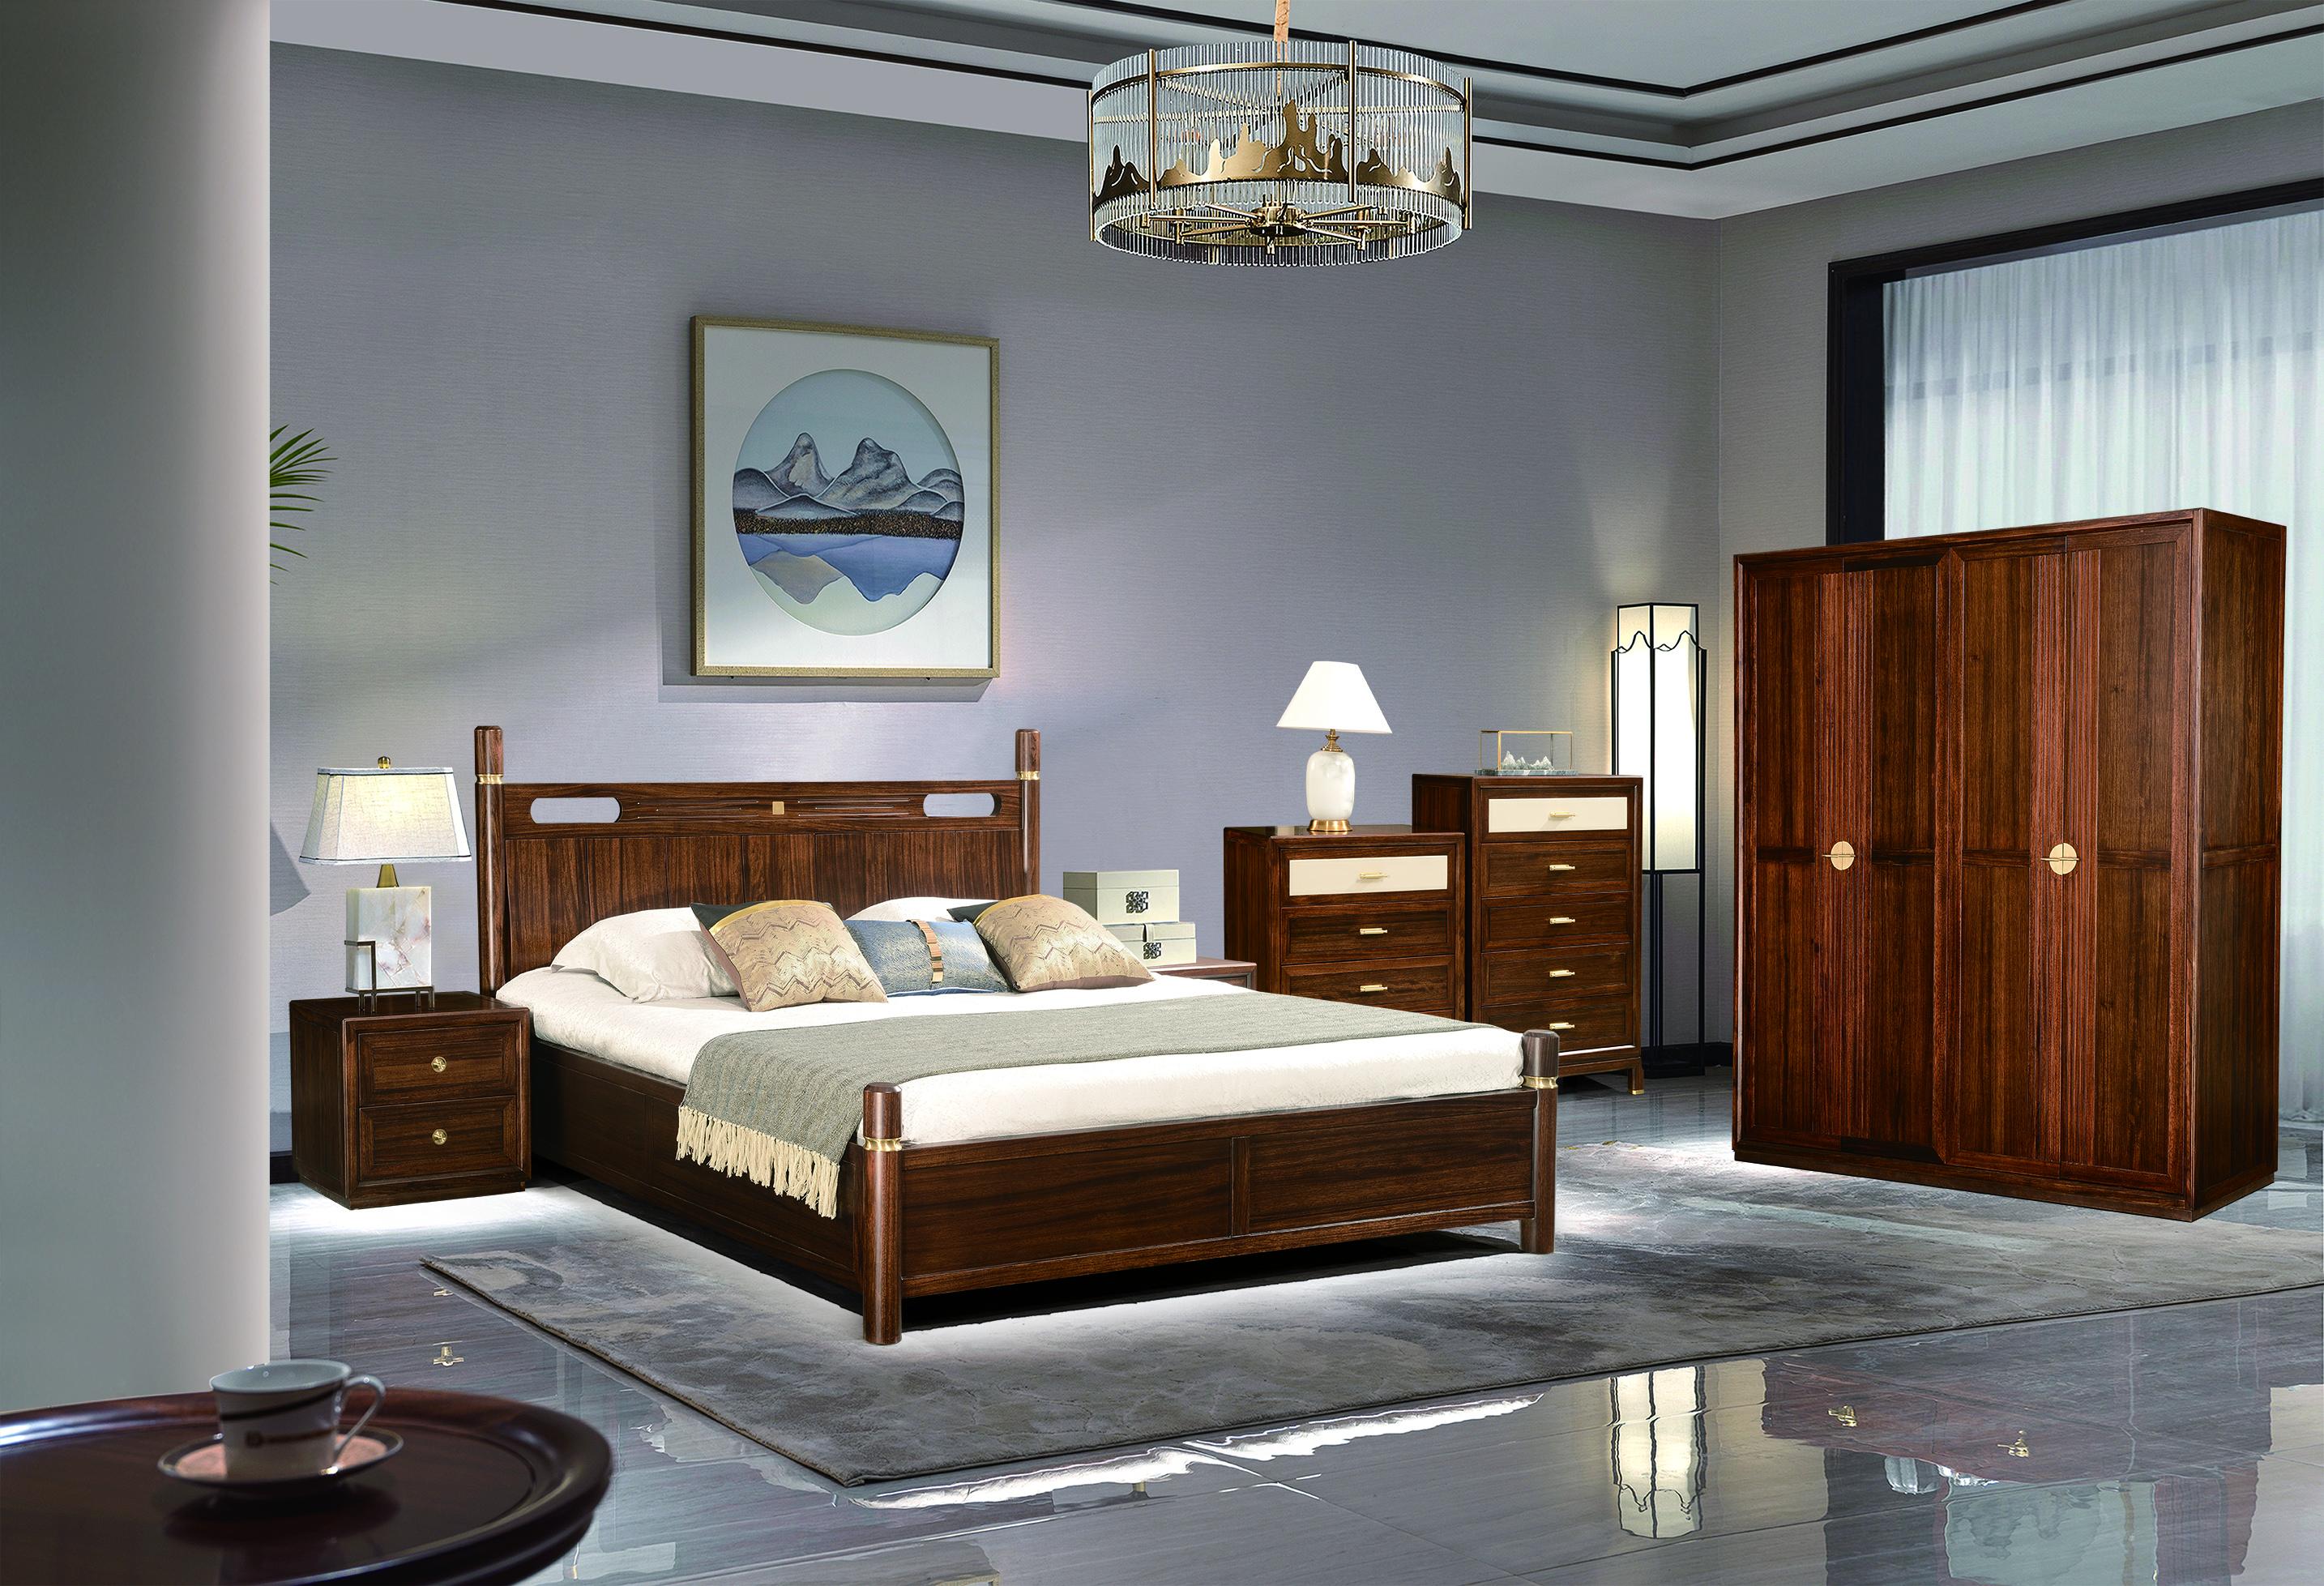 乌金木和熙系列卧室系列实木床